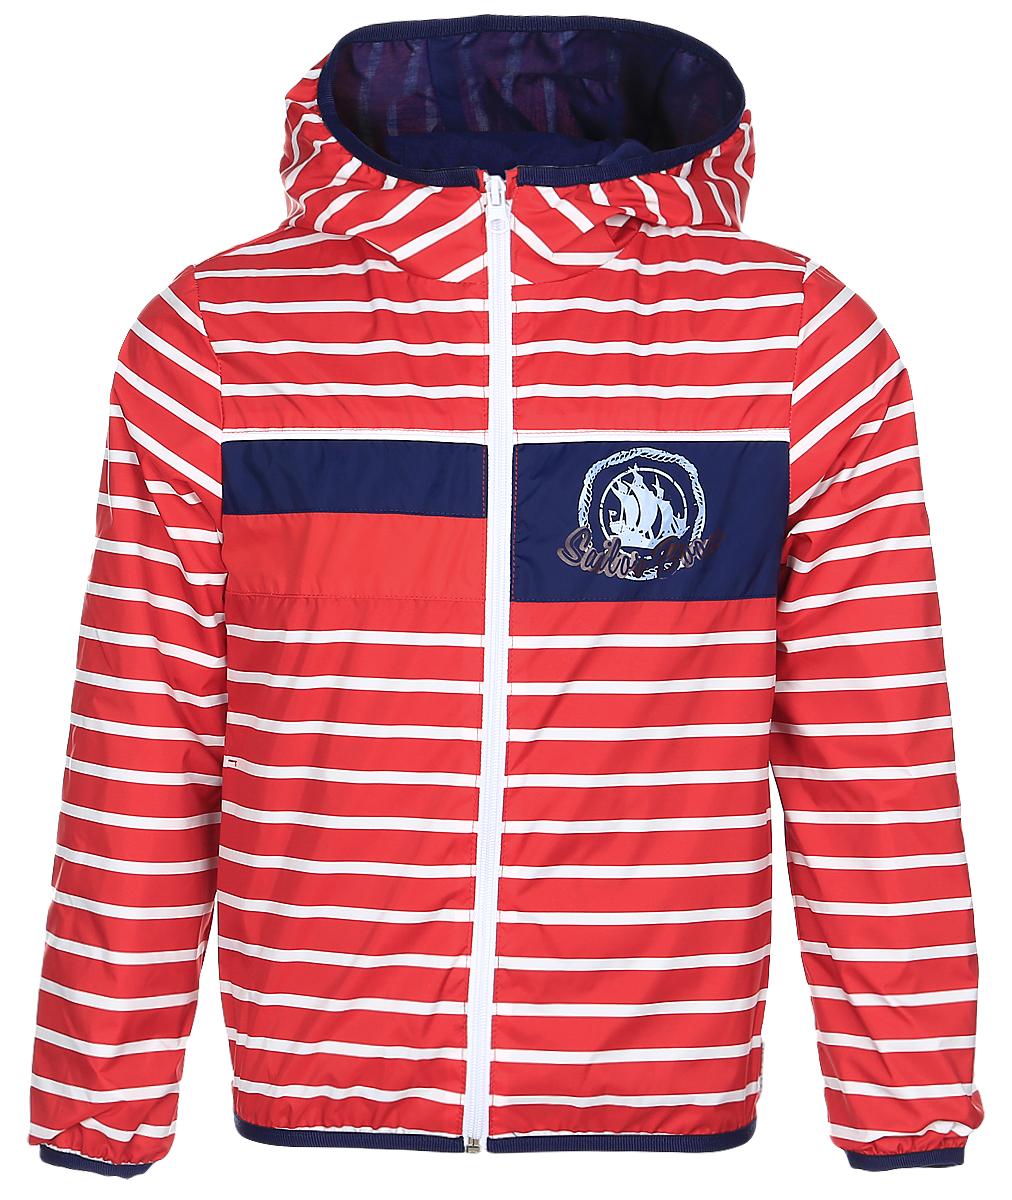 Куртка для мальчика Boom!, цвет: красный. 70029_BOB_вар.3. Размер 158, 11-12 лет70029_BOB_вар.3Куртка для мальчика Boom! изготовлена из водонепроницаемого полиэстера. Куртка с капюшоном застегивается на пластиковую застежку-молнию. Края капюшона, рукавов и низа куртки отделаны тонкой эластичной резинкой. В боковых швах предусмотрены два прорезных кармана. Модель оформлена оригинальным принтом на груди и дополнена светоотражающими элементами.